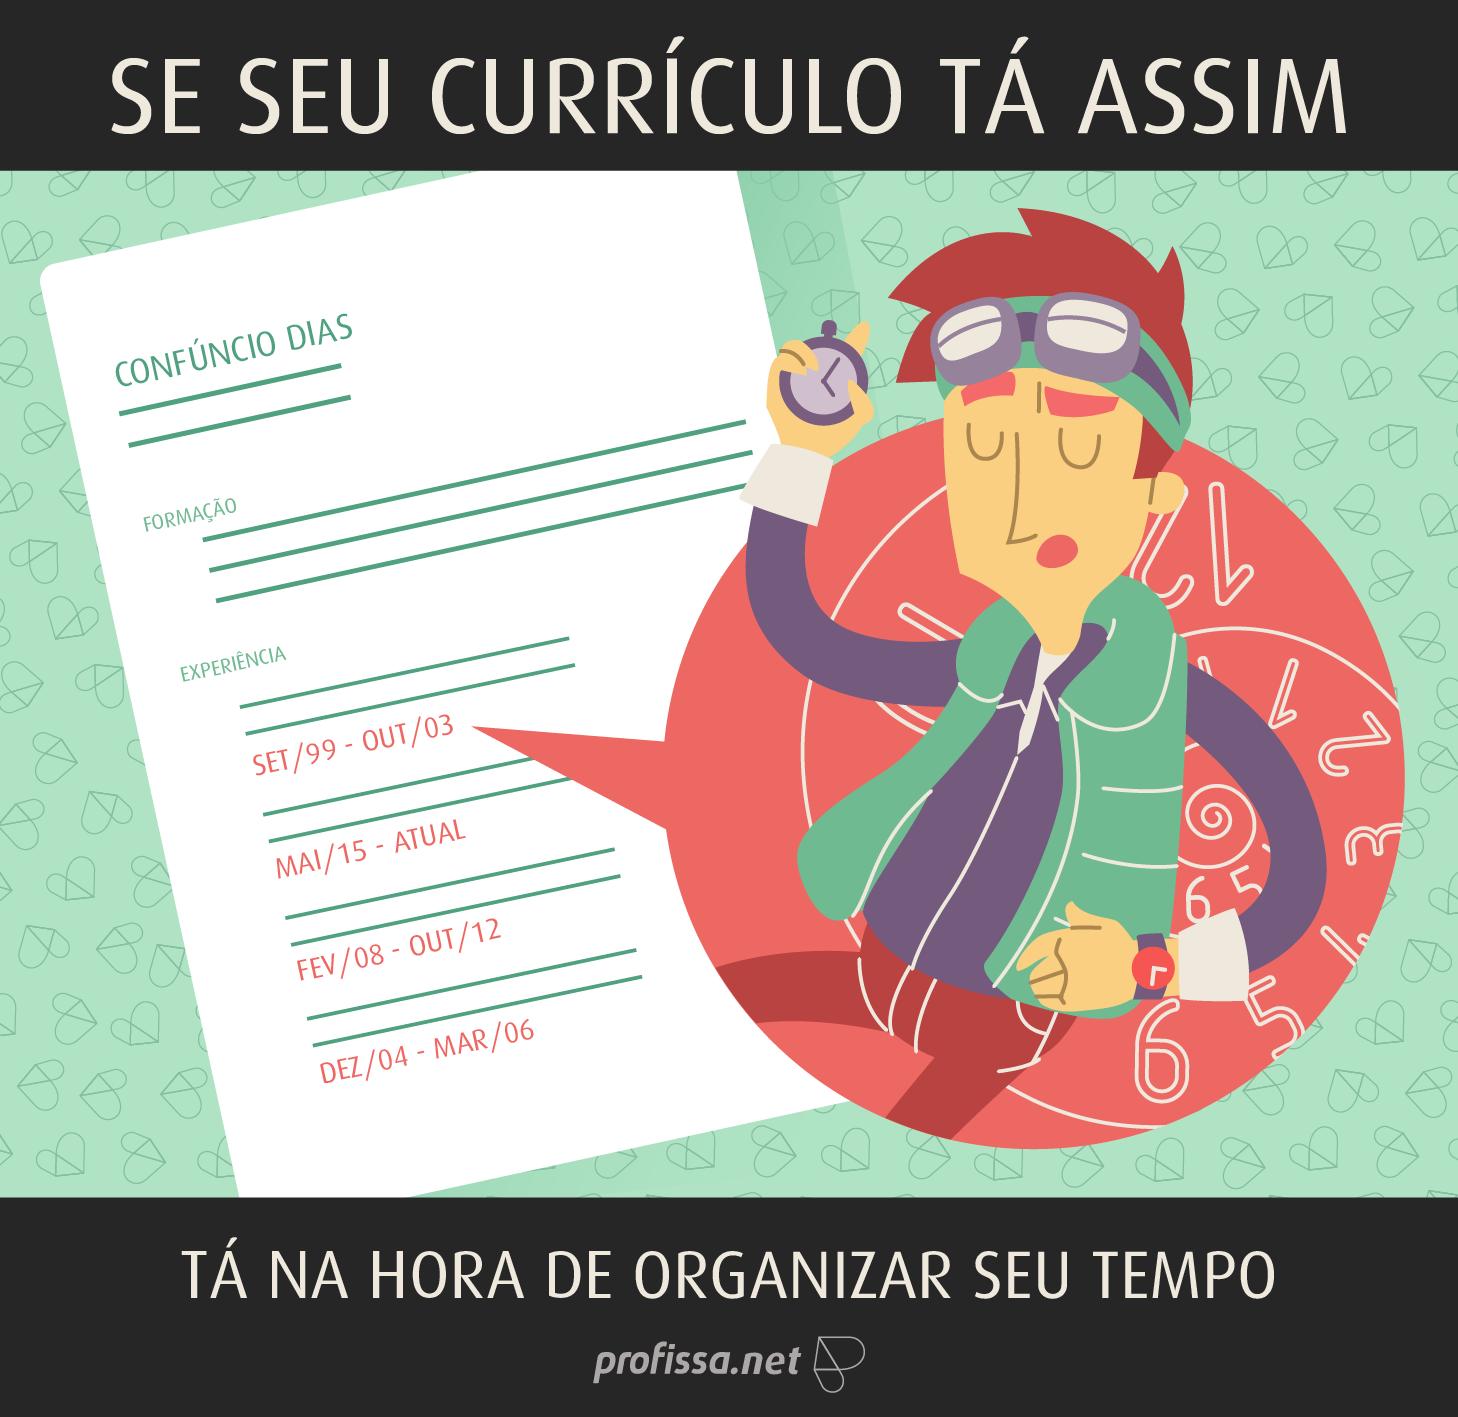 Desorganização no Currículo www.profissa.net